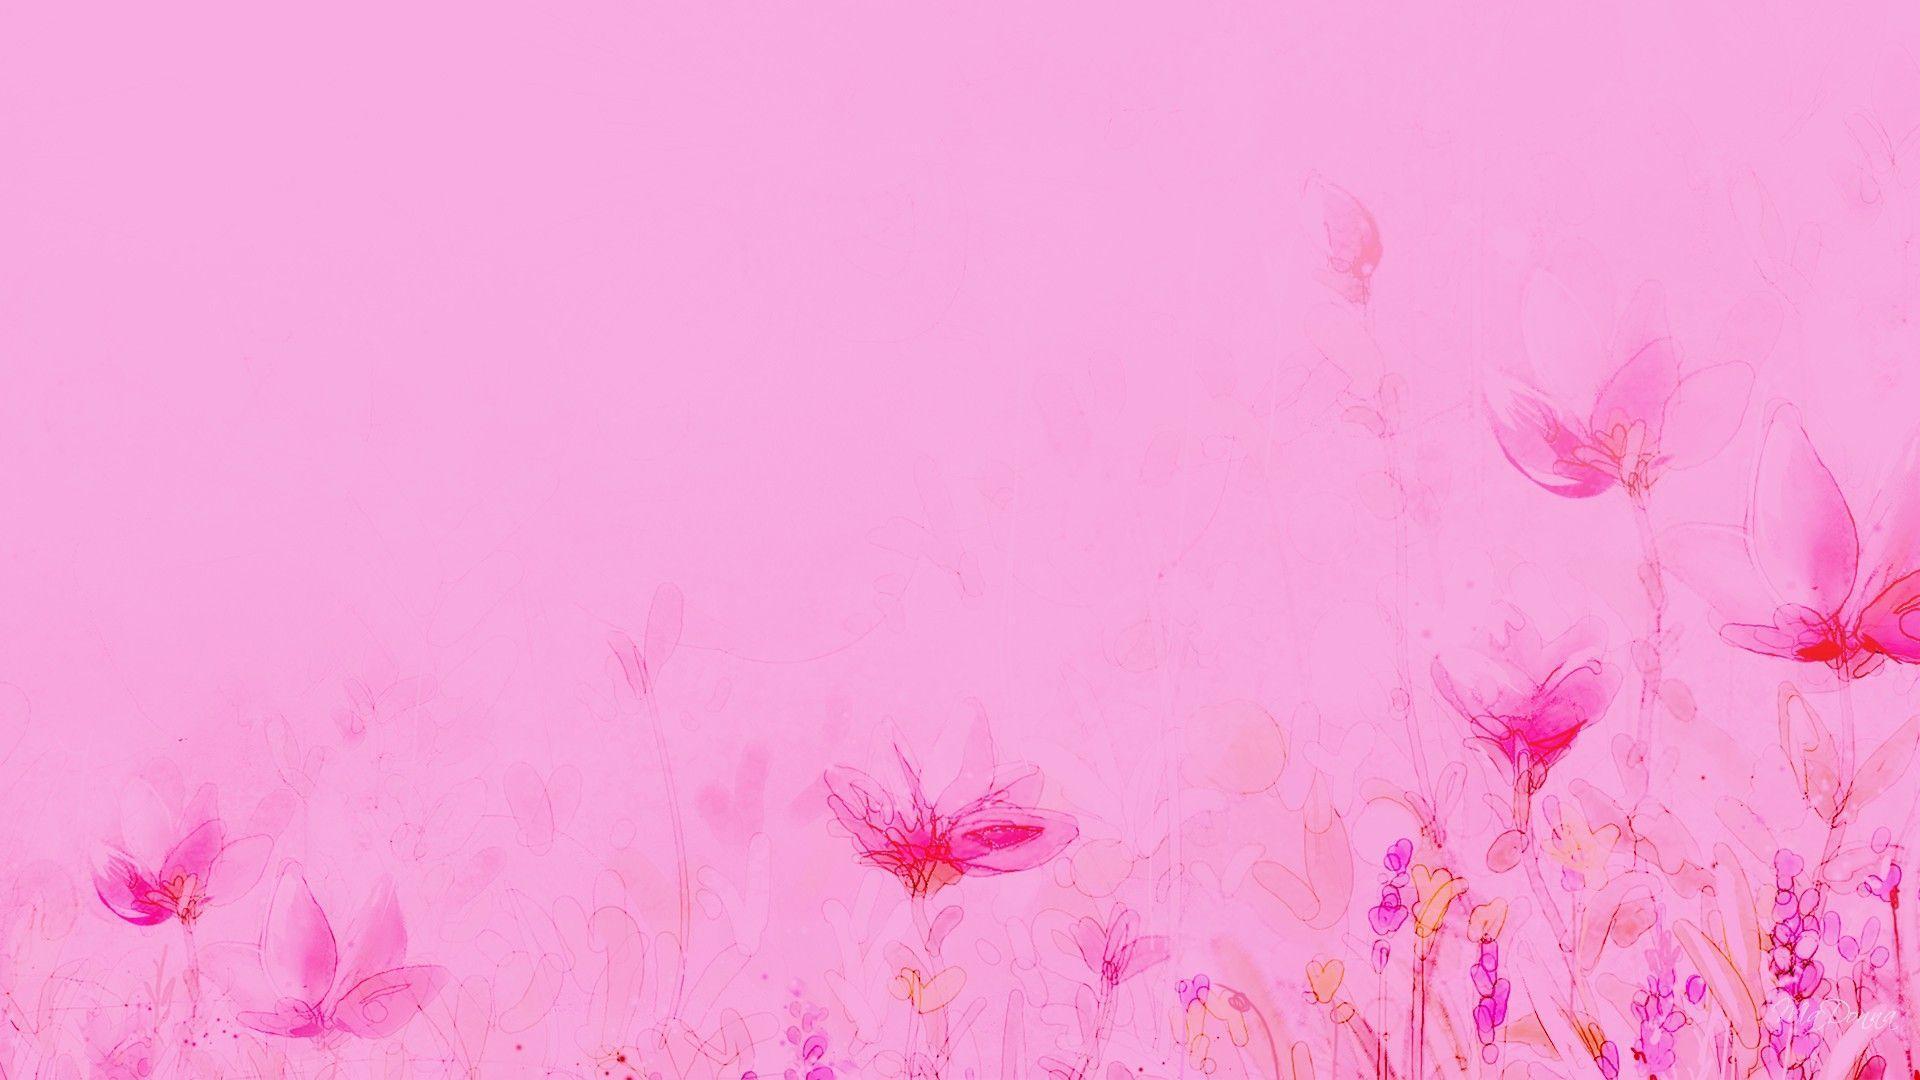 Light Pink Flower Wallpapers Wallpaper Cave